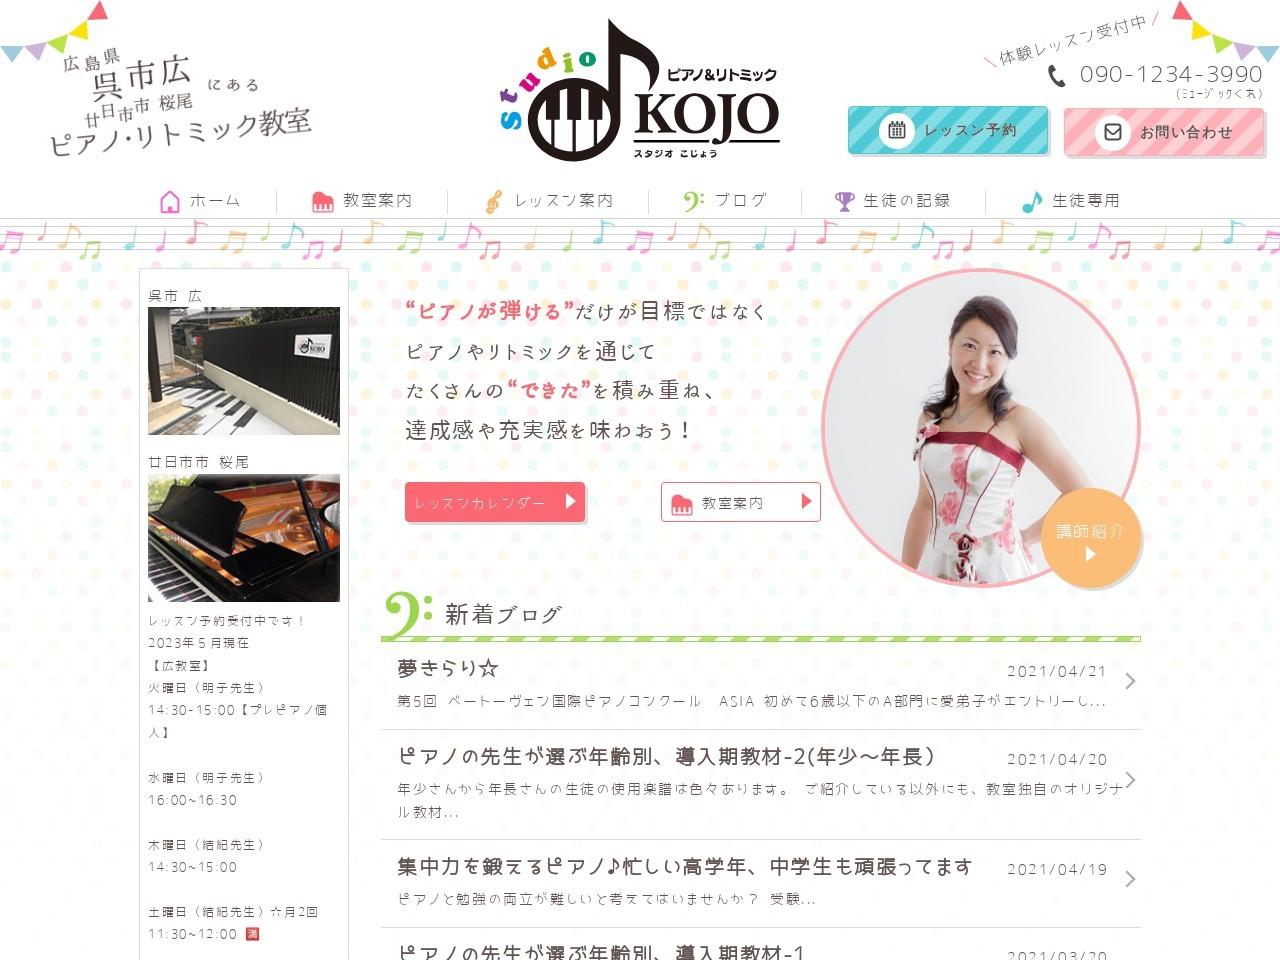 スタジオKOJO(広教室)のサムネイル